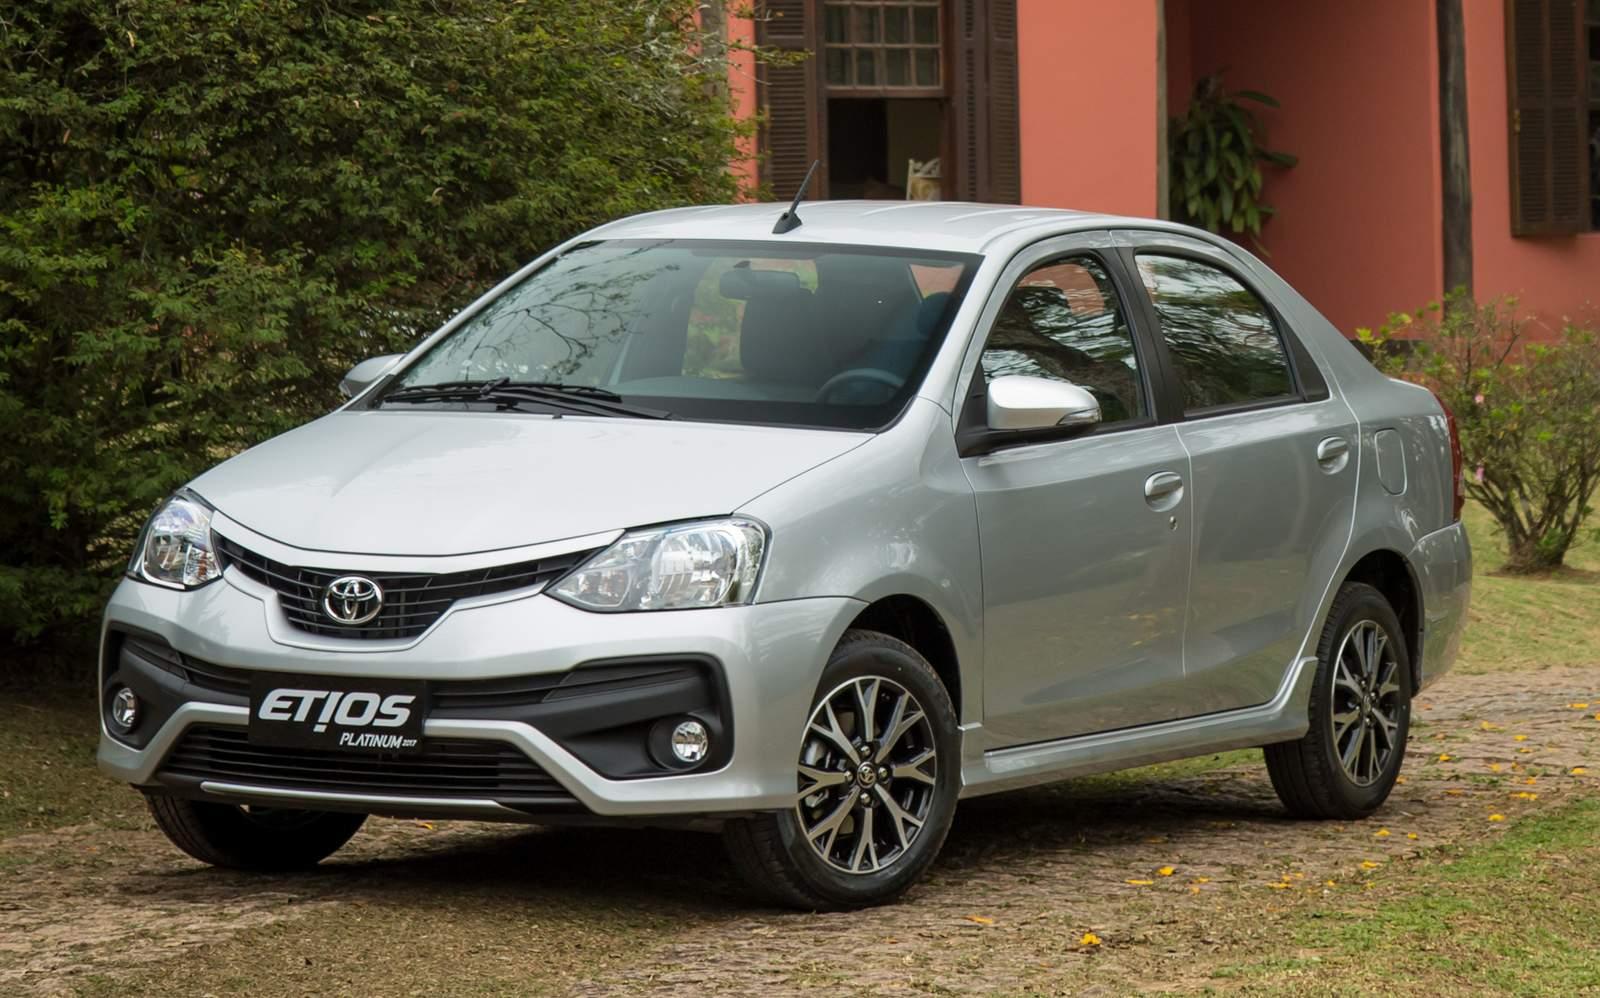 Toyota Etios 2017 Tabela De Precos Aumenta Em Setembro Car Blog Br